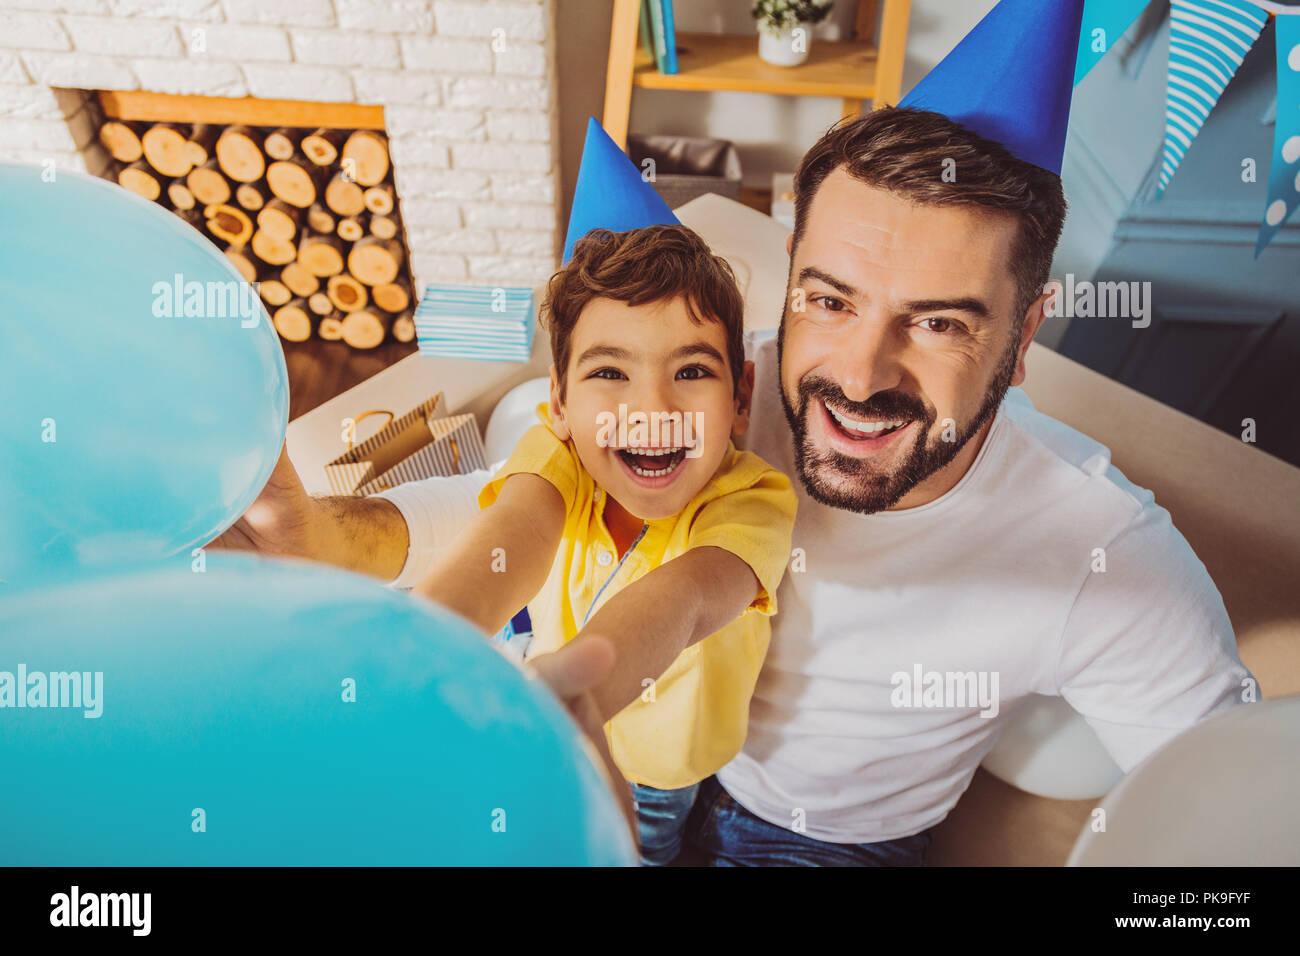 Buen hombre Guapo y varón jugando con globos Imagen De Stock